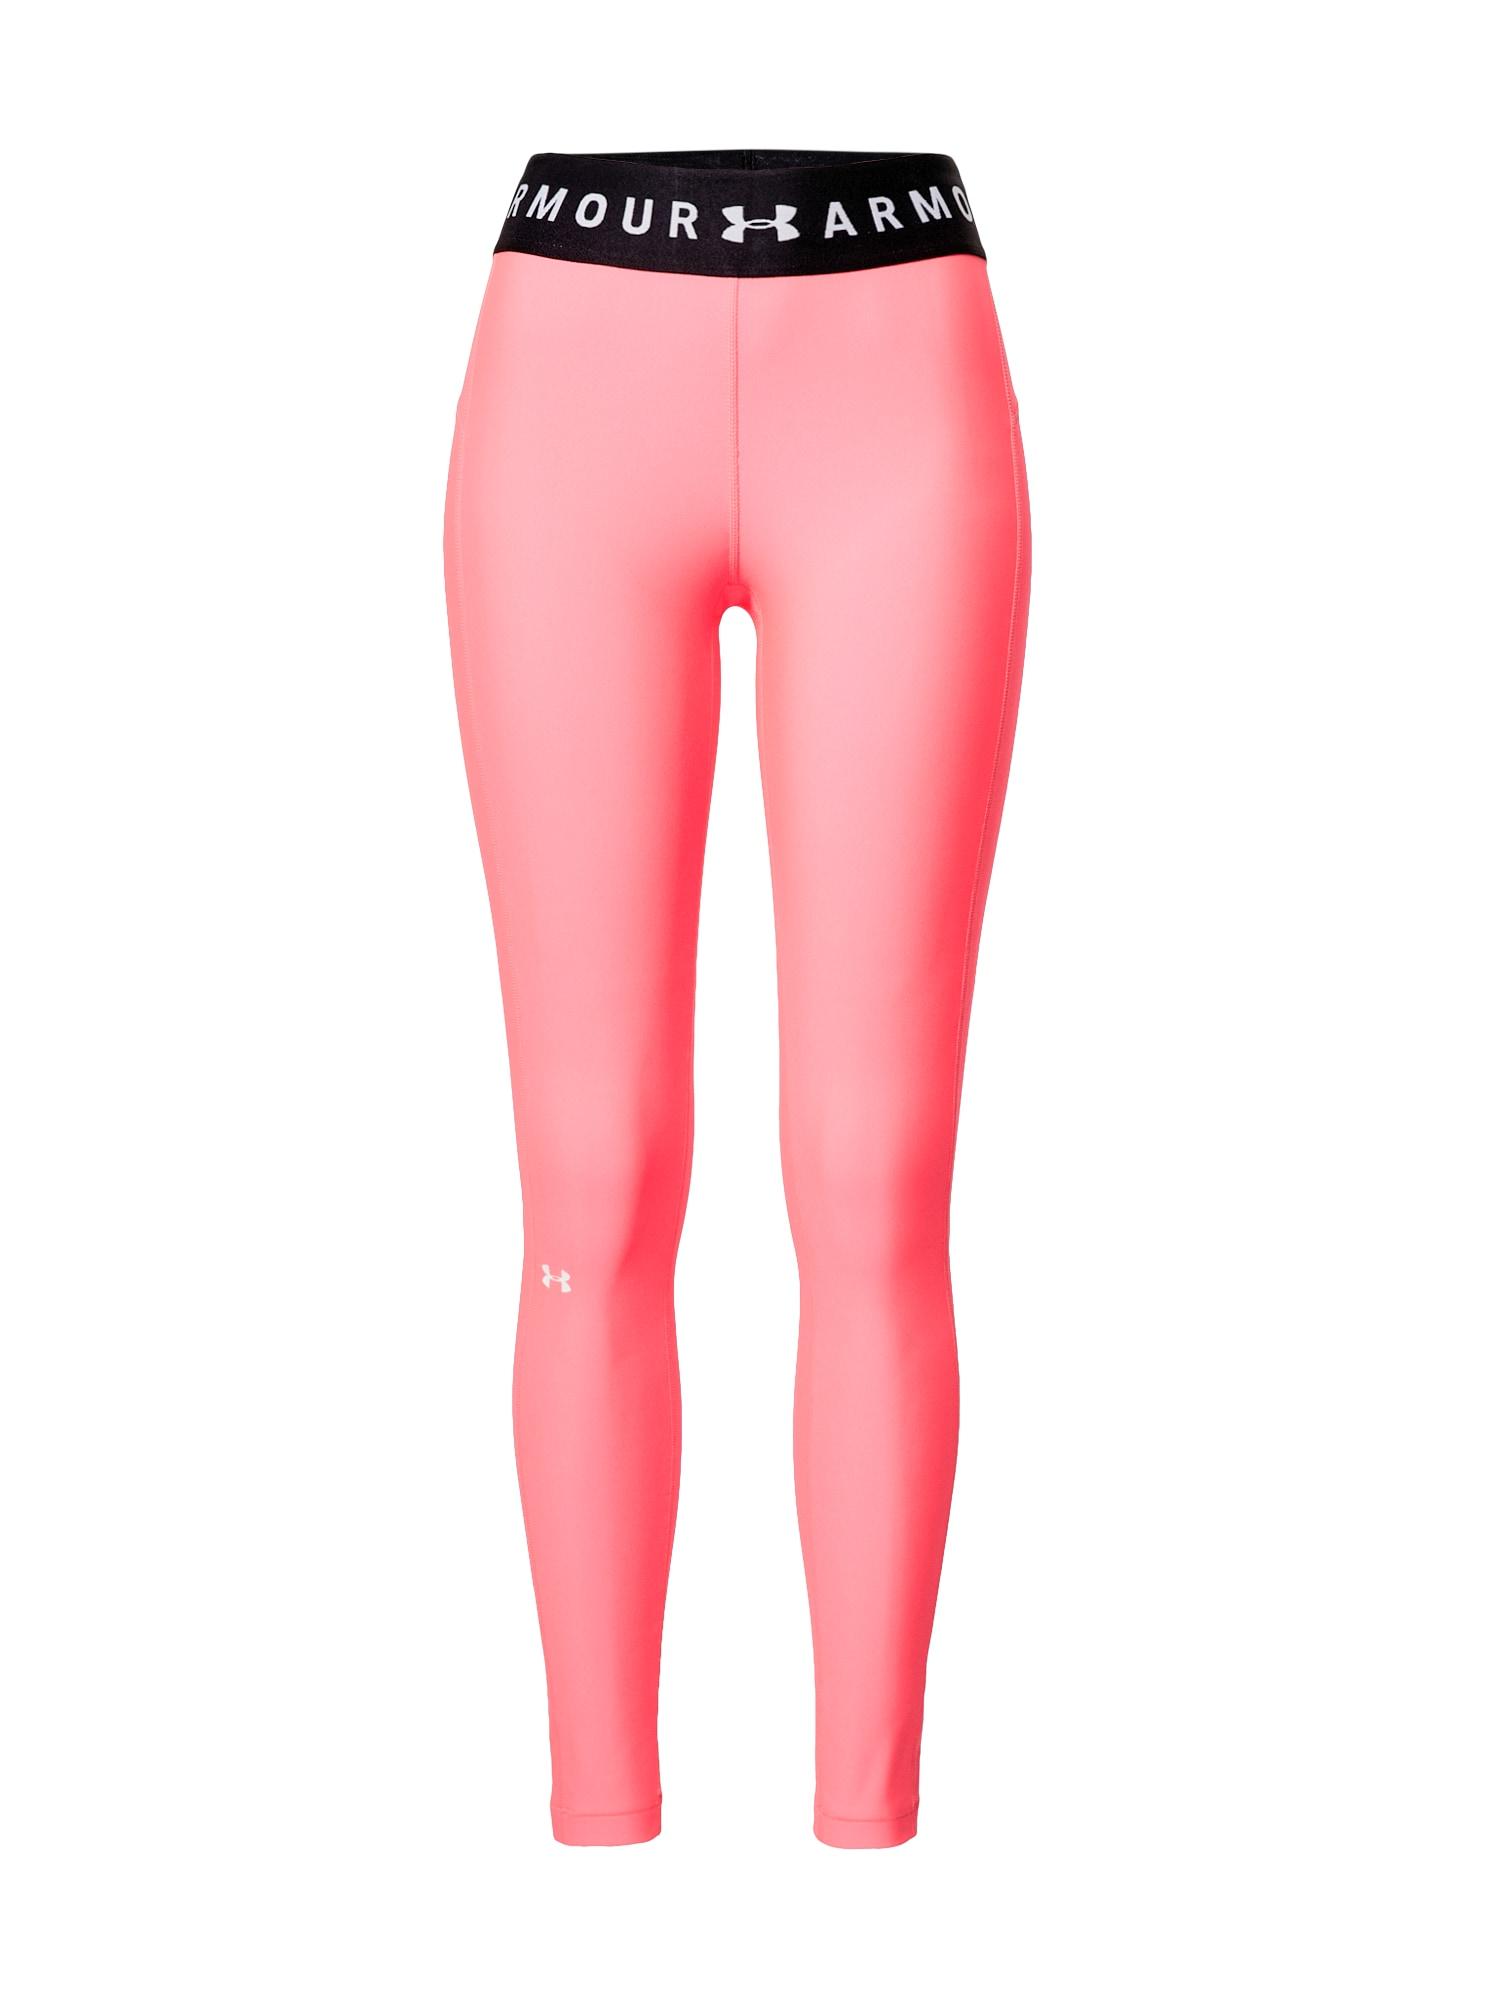 UNDER ARMOUR Sportovní kalhoty  pink / černá